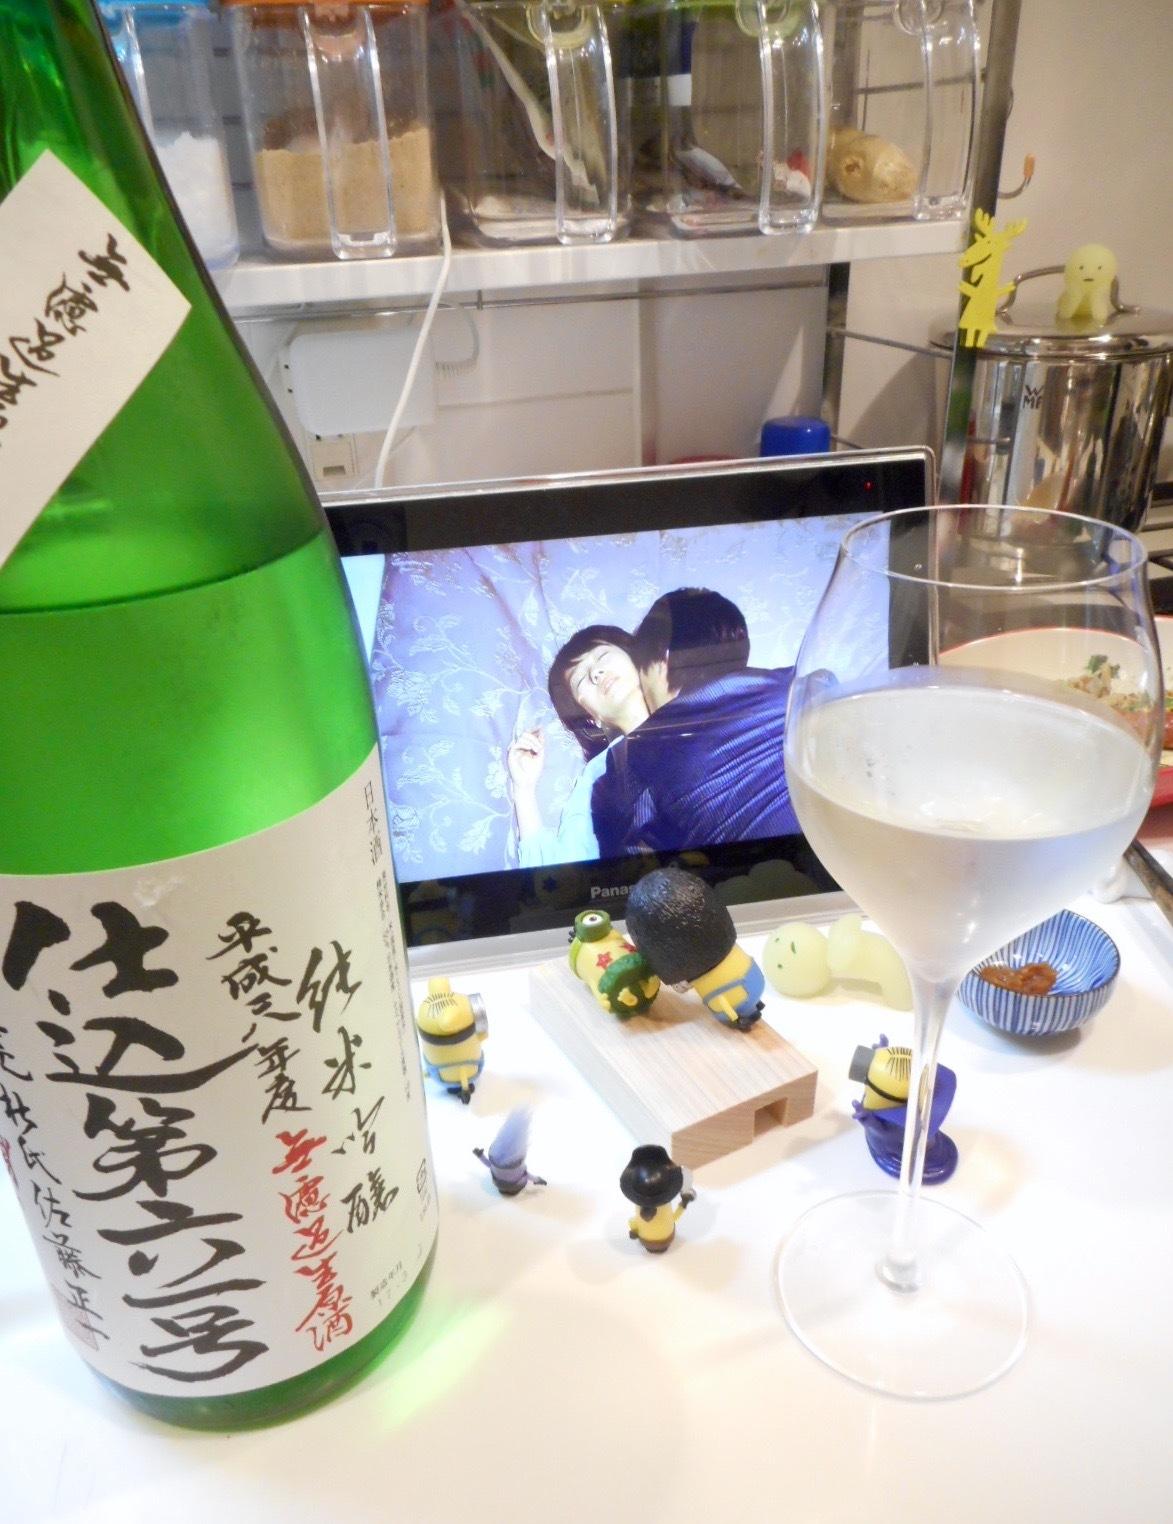 joukigen_konshin28by9.jpg